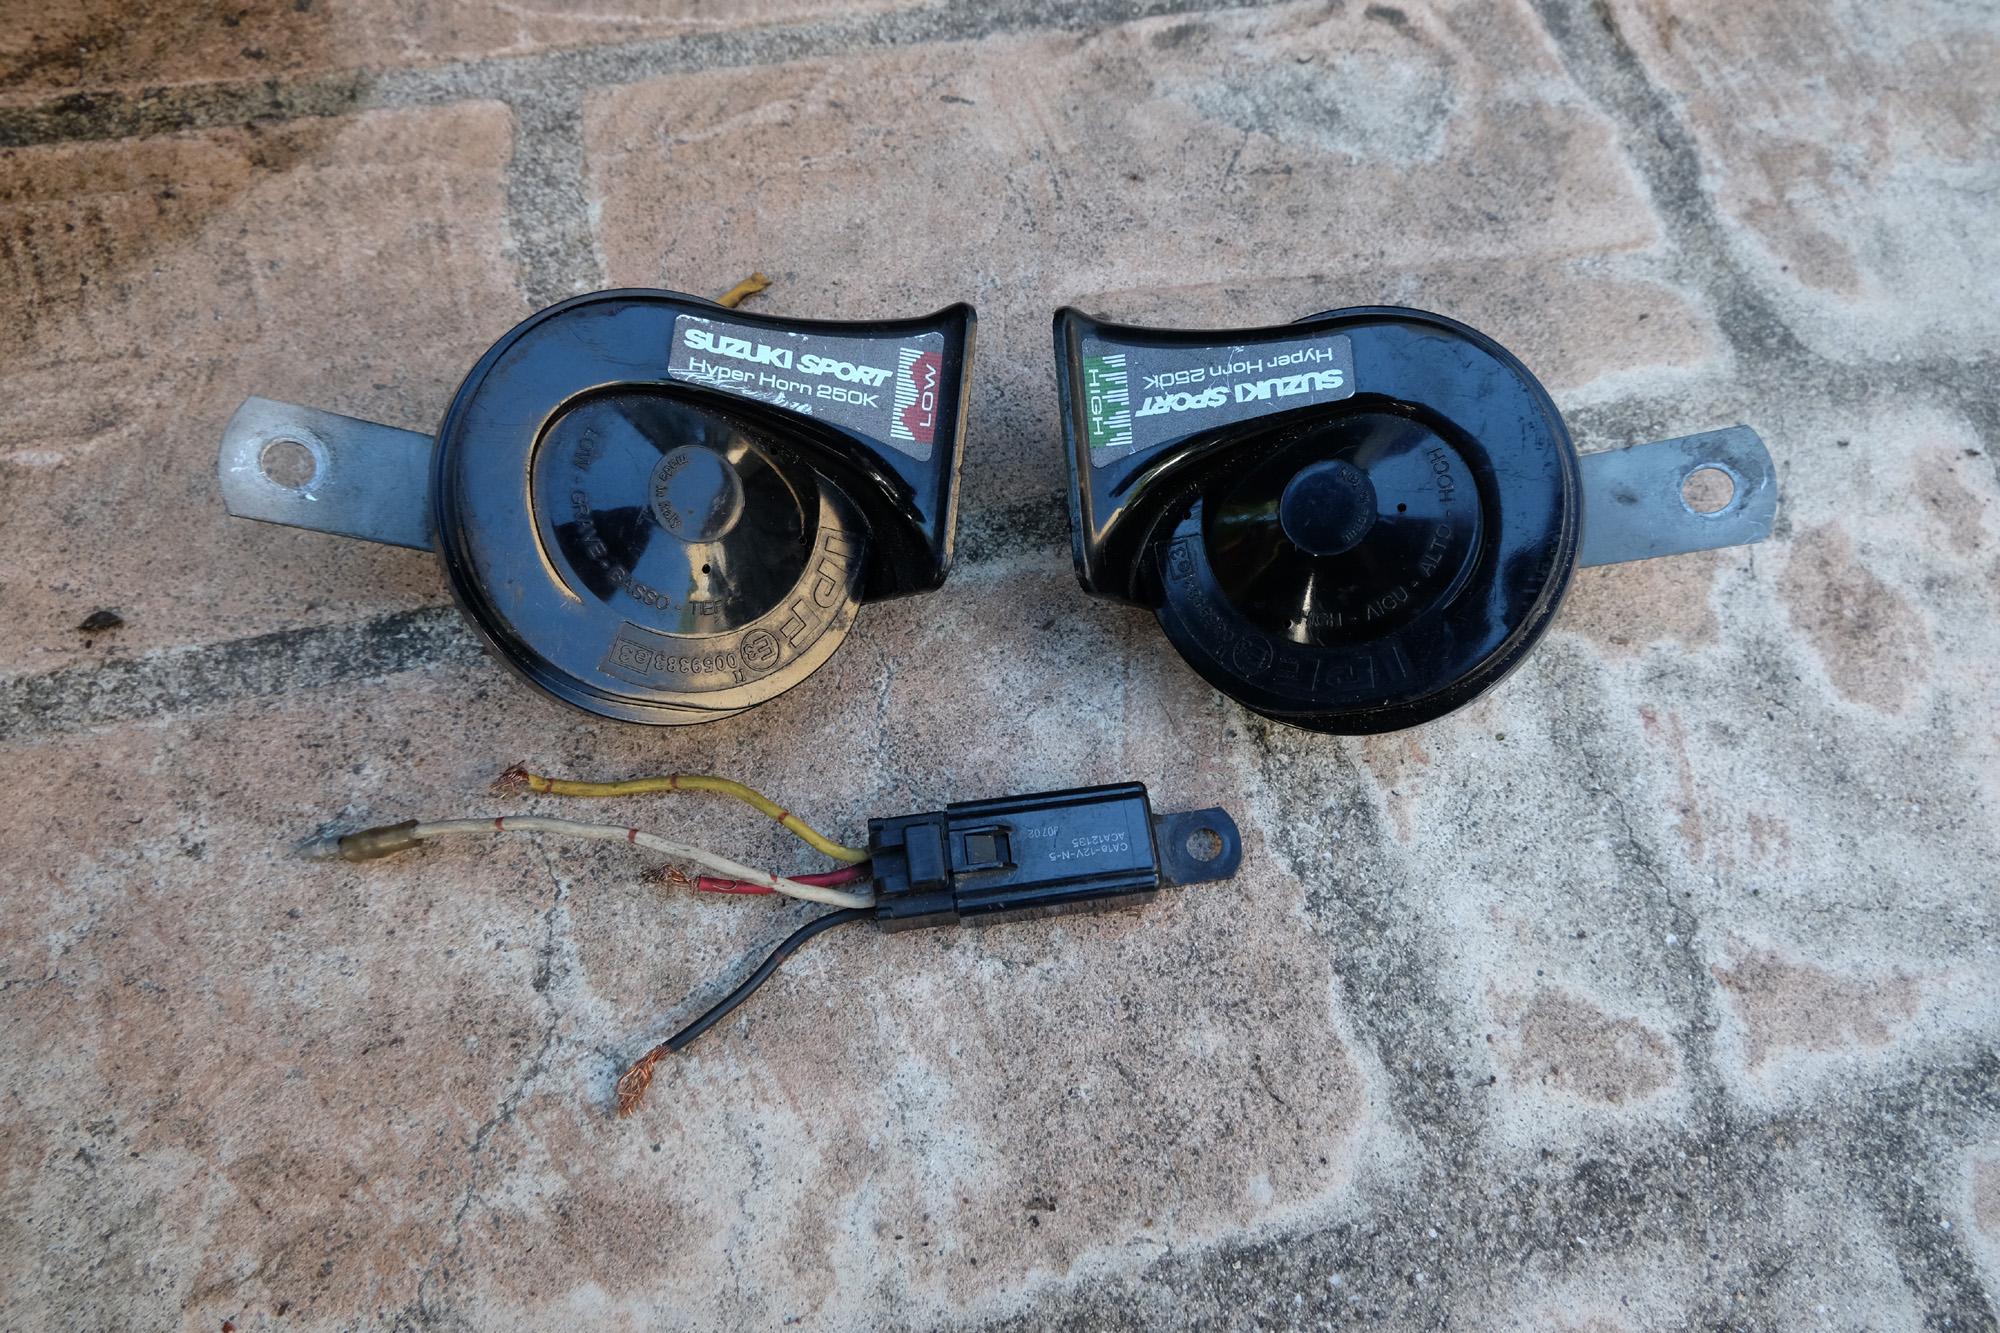 SUZUKI SPORT Hyper Horn ホーンを取付! ビッグホーン UBS26GW